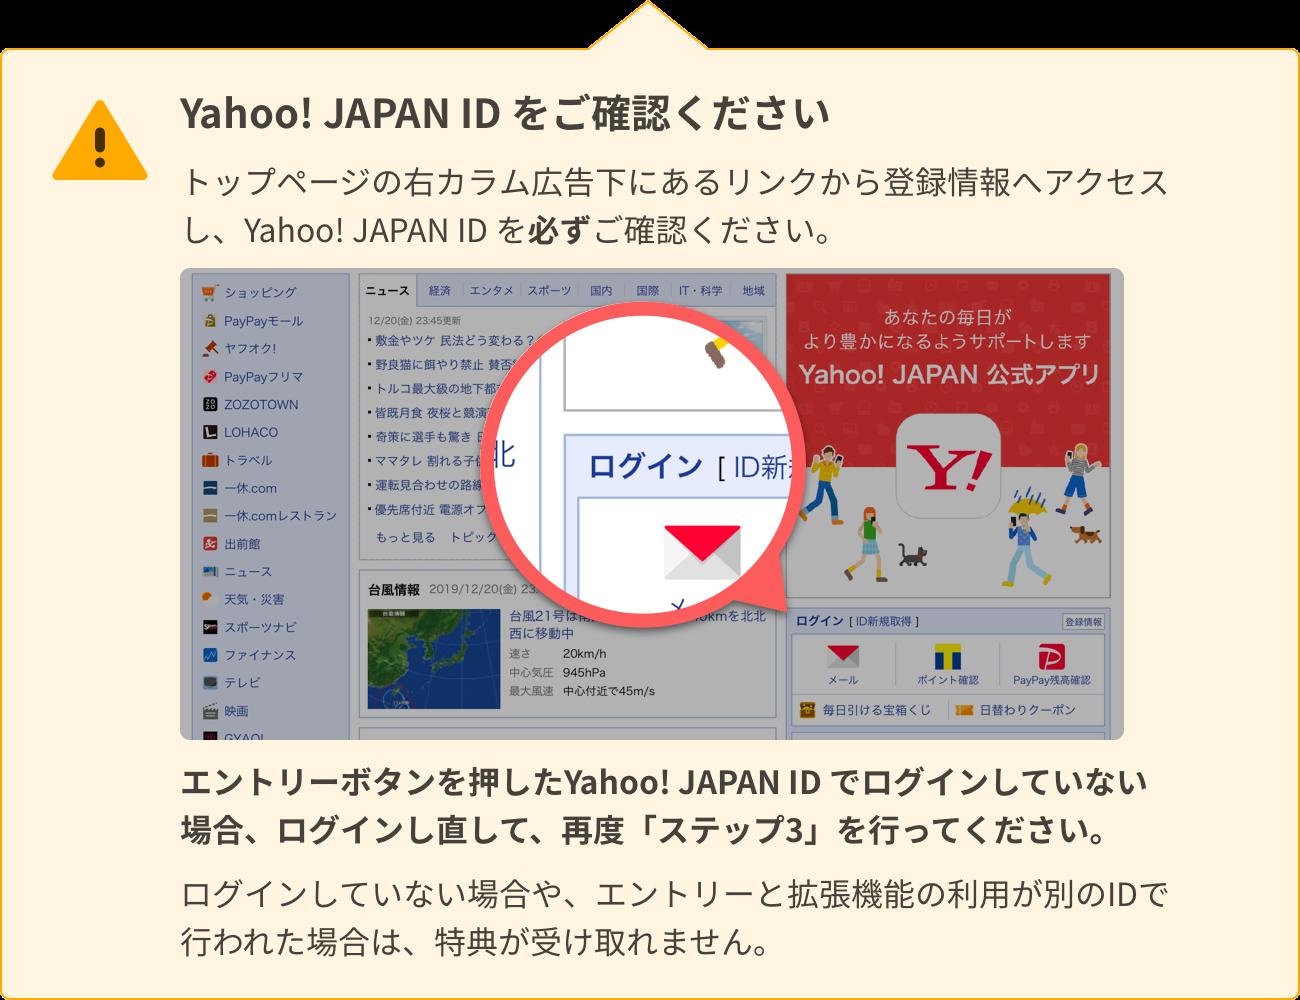 Yahoo! JAPAN ID をご確認ください。トップページの右カラム広告下にあるリンクから登録情報へアクセスし、Yahoo! JAPAN ID を必ずご確認ください。エントリーボタンを押したYahoo! JAPAN ID でログインしていない場合、ログインし直して、再度「手順③」を行ってください。ログインしていない場合や、エントリーと拡張機能の利用が別のIDで行われた場合は、特典が受け取れません。